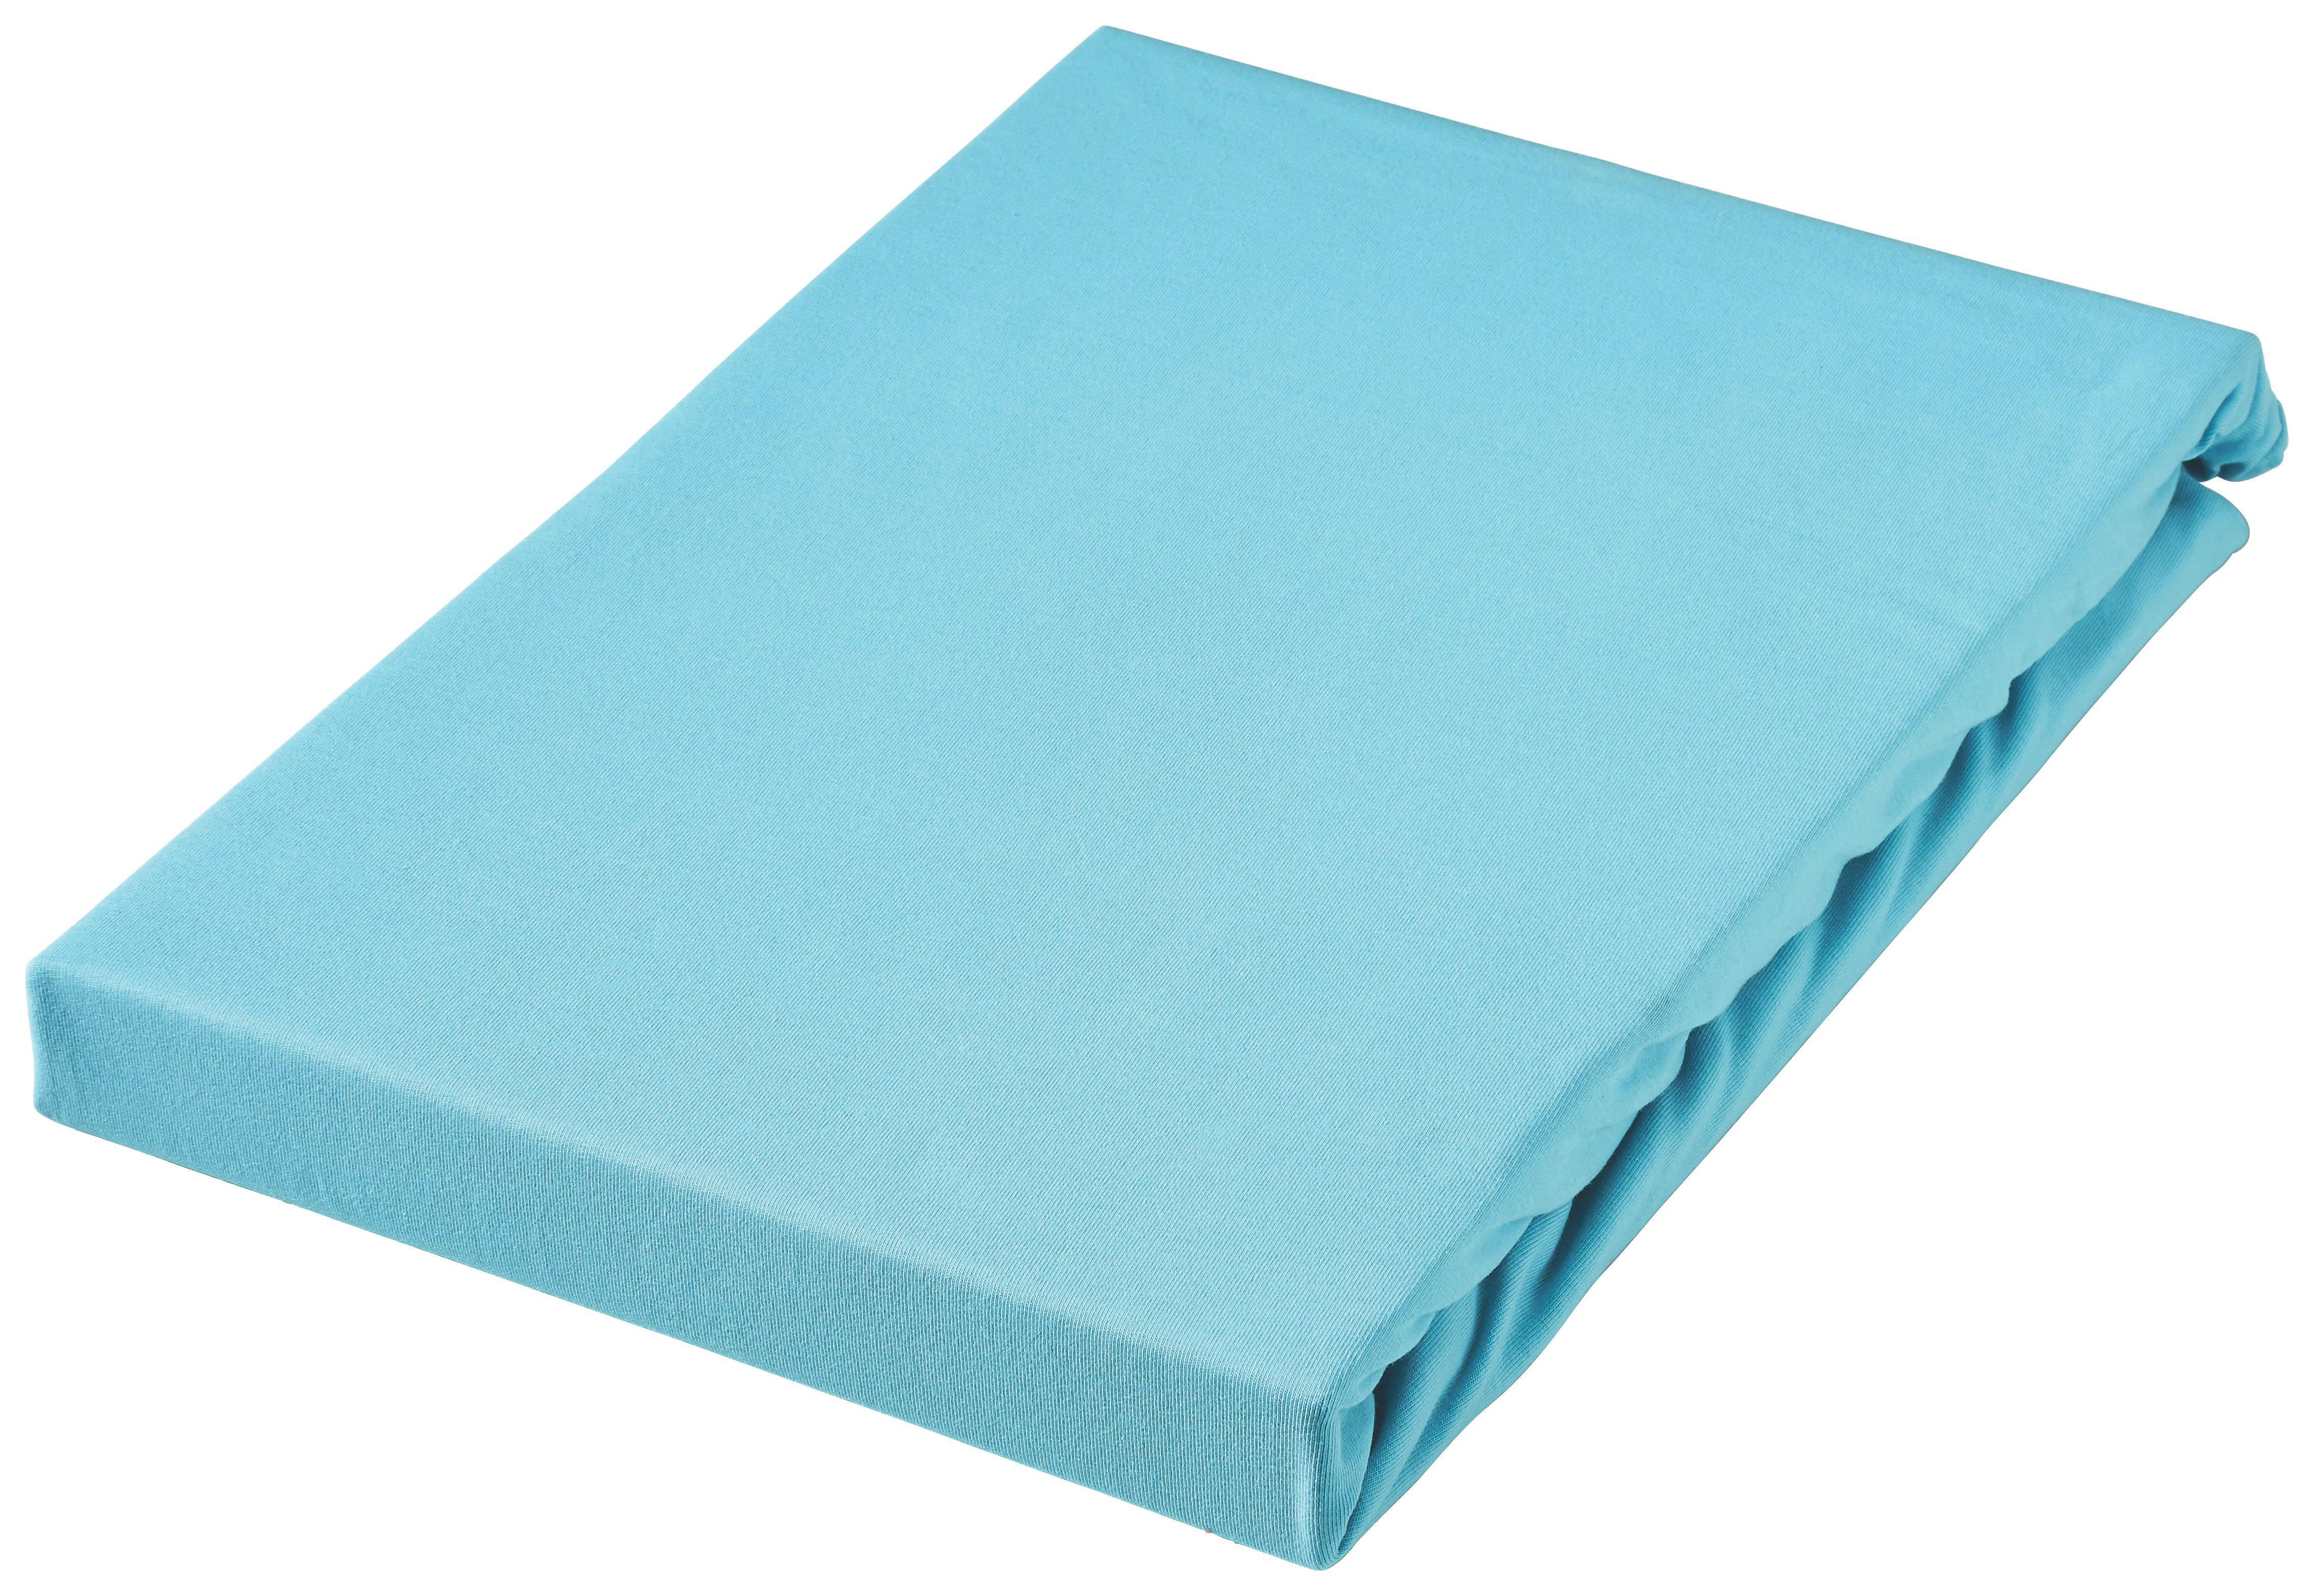 SPANNBETTTUCH Jersey Türkis bügelfrei, für Wasserbetten geeignet - Türkis, Basics, Textil (180/200cm) - BOXXX